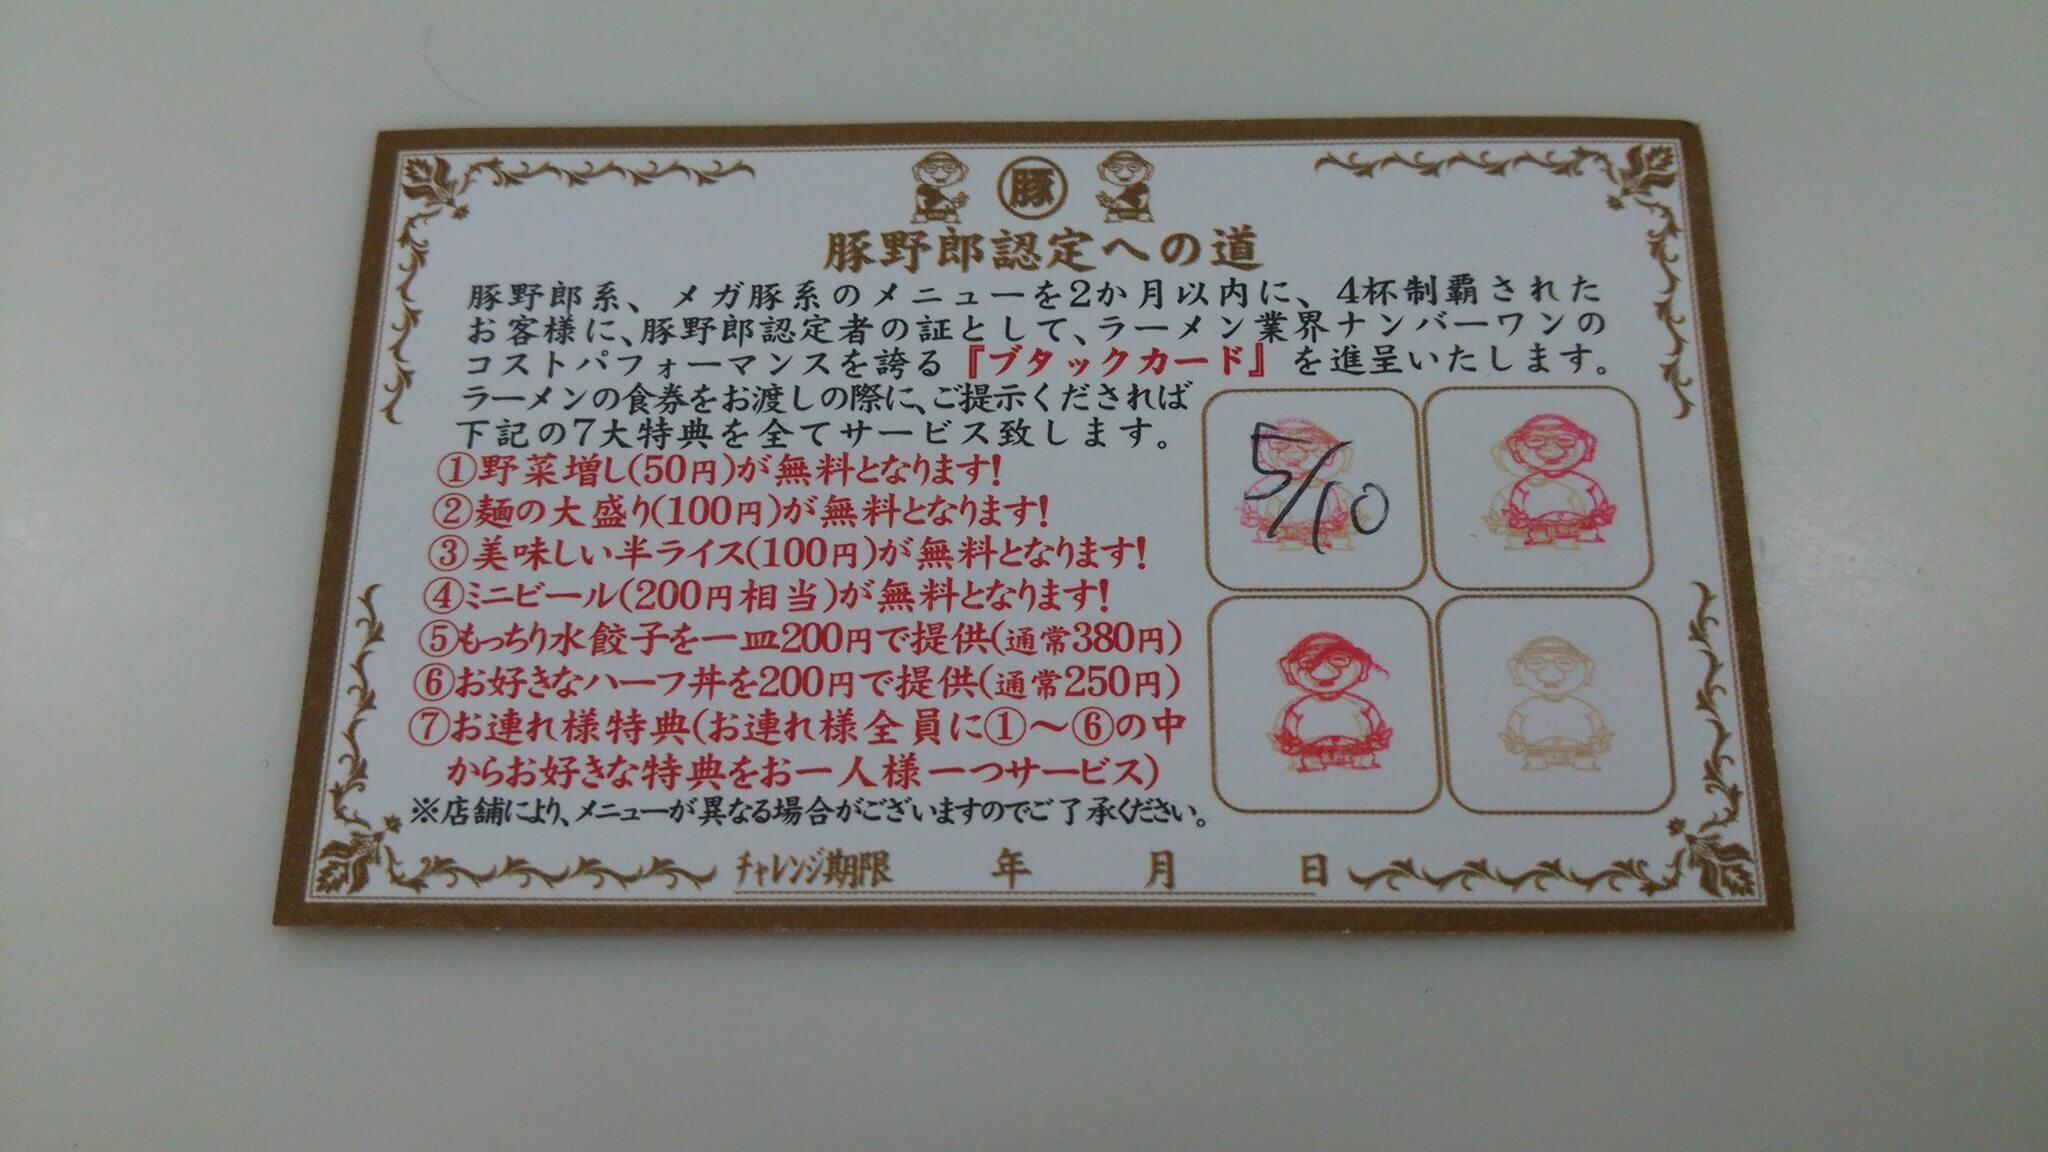 野郎ラーメン ブタックカード スタンプカード yaro_ramen Butack card (2)